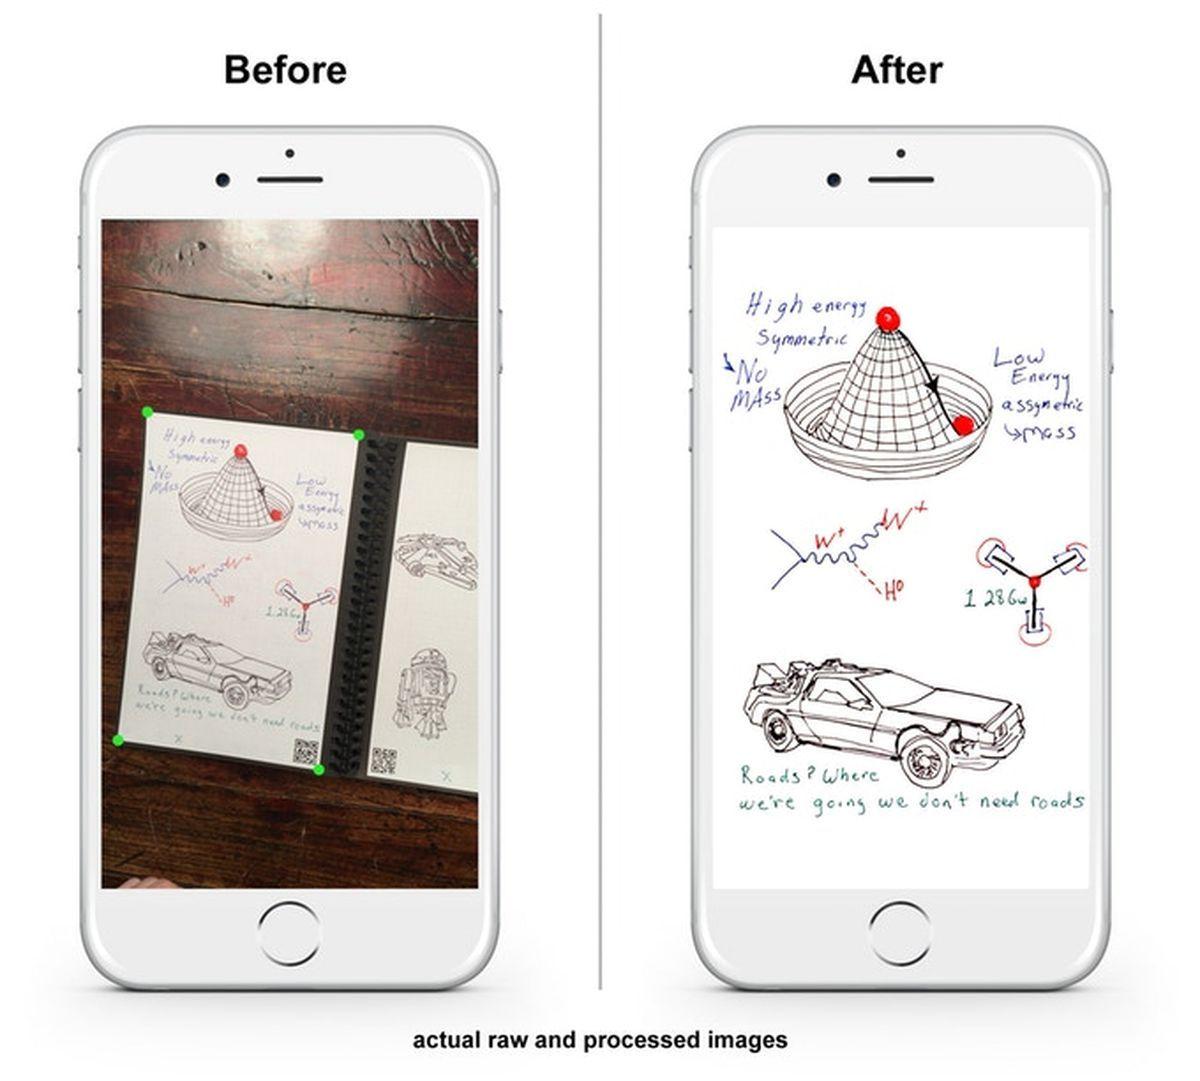 Das endlose Notizbuch - The Everlast Notebook | Gadgets | Was is hier eigentlich los?